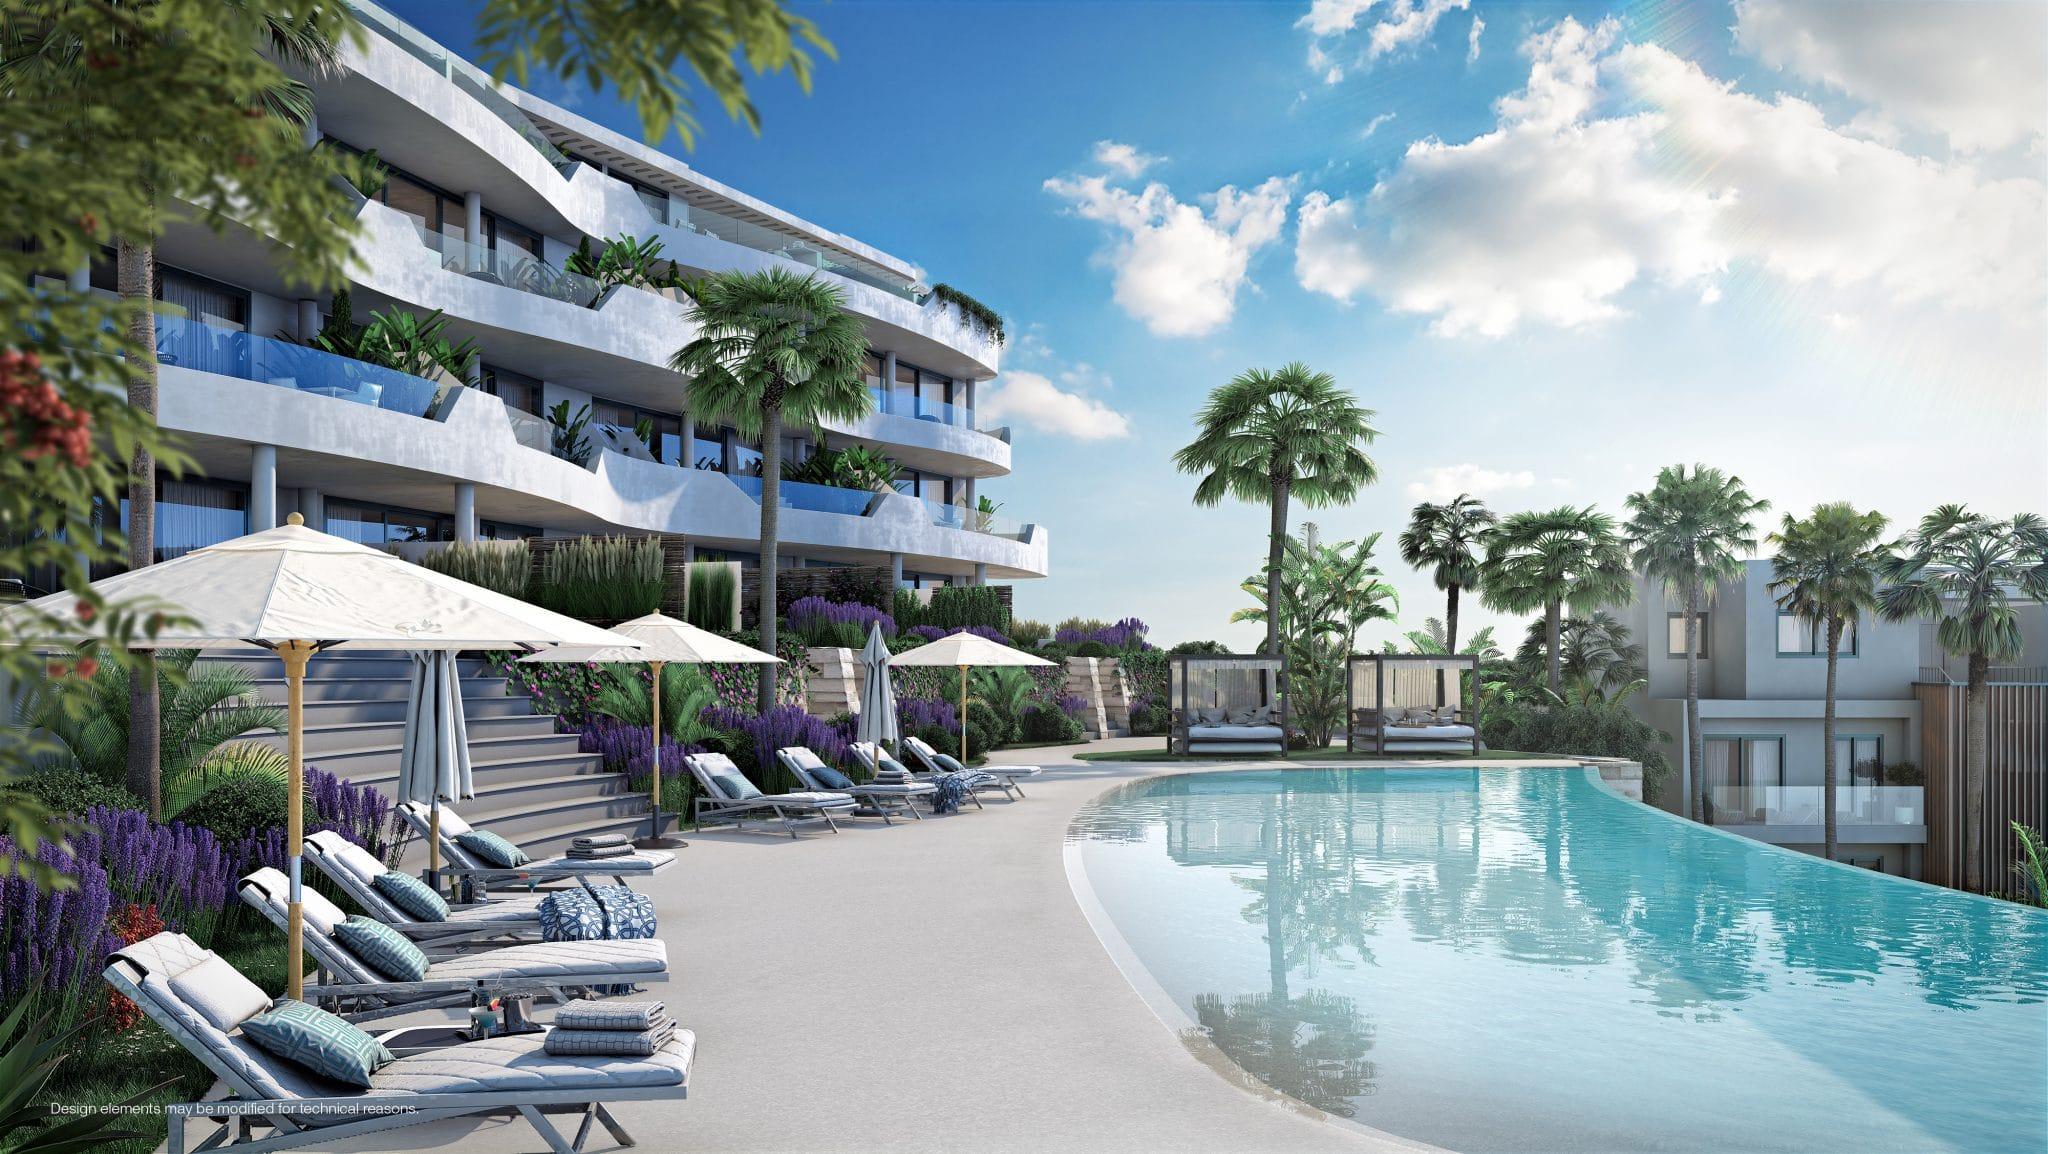 Property for sale Marbella - Costa del Sol